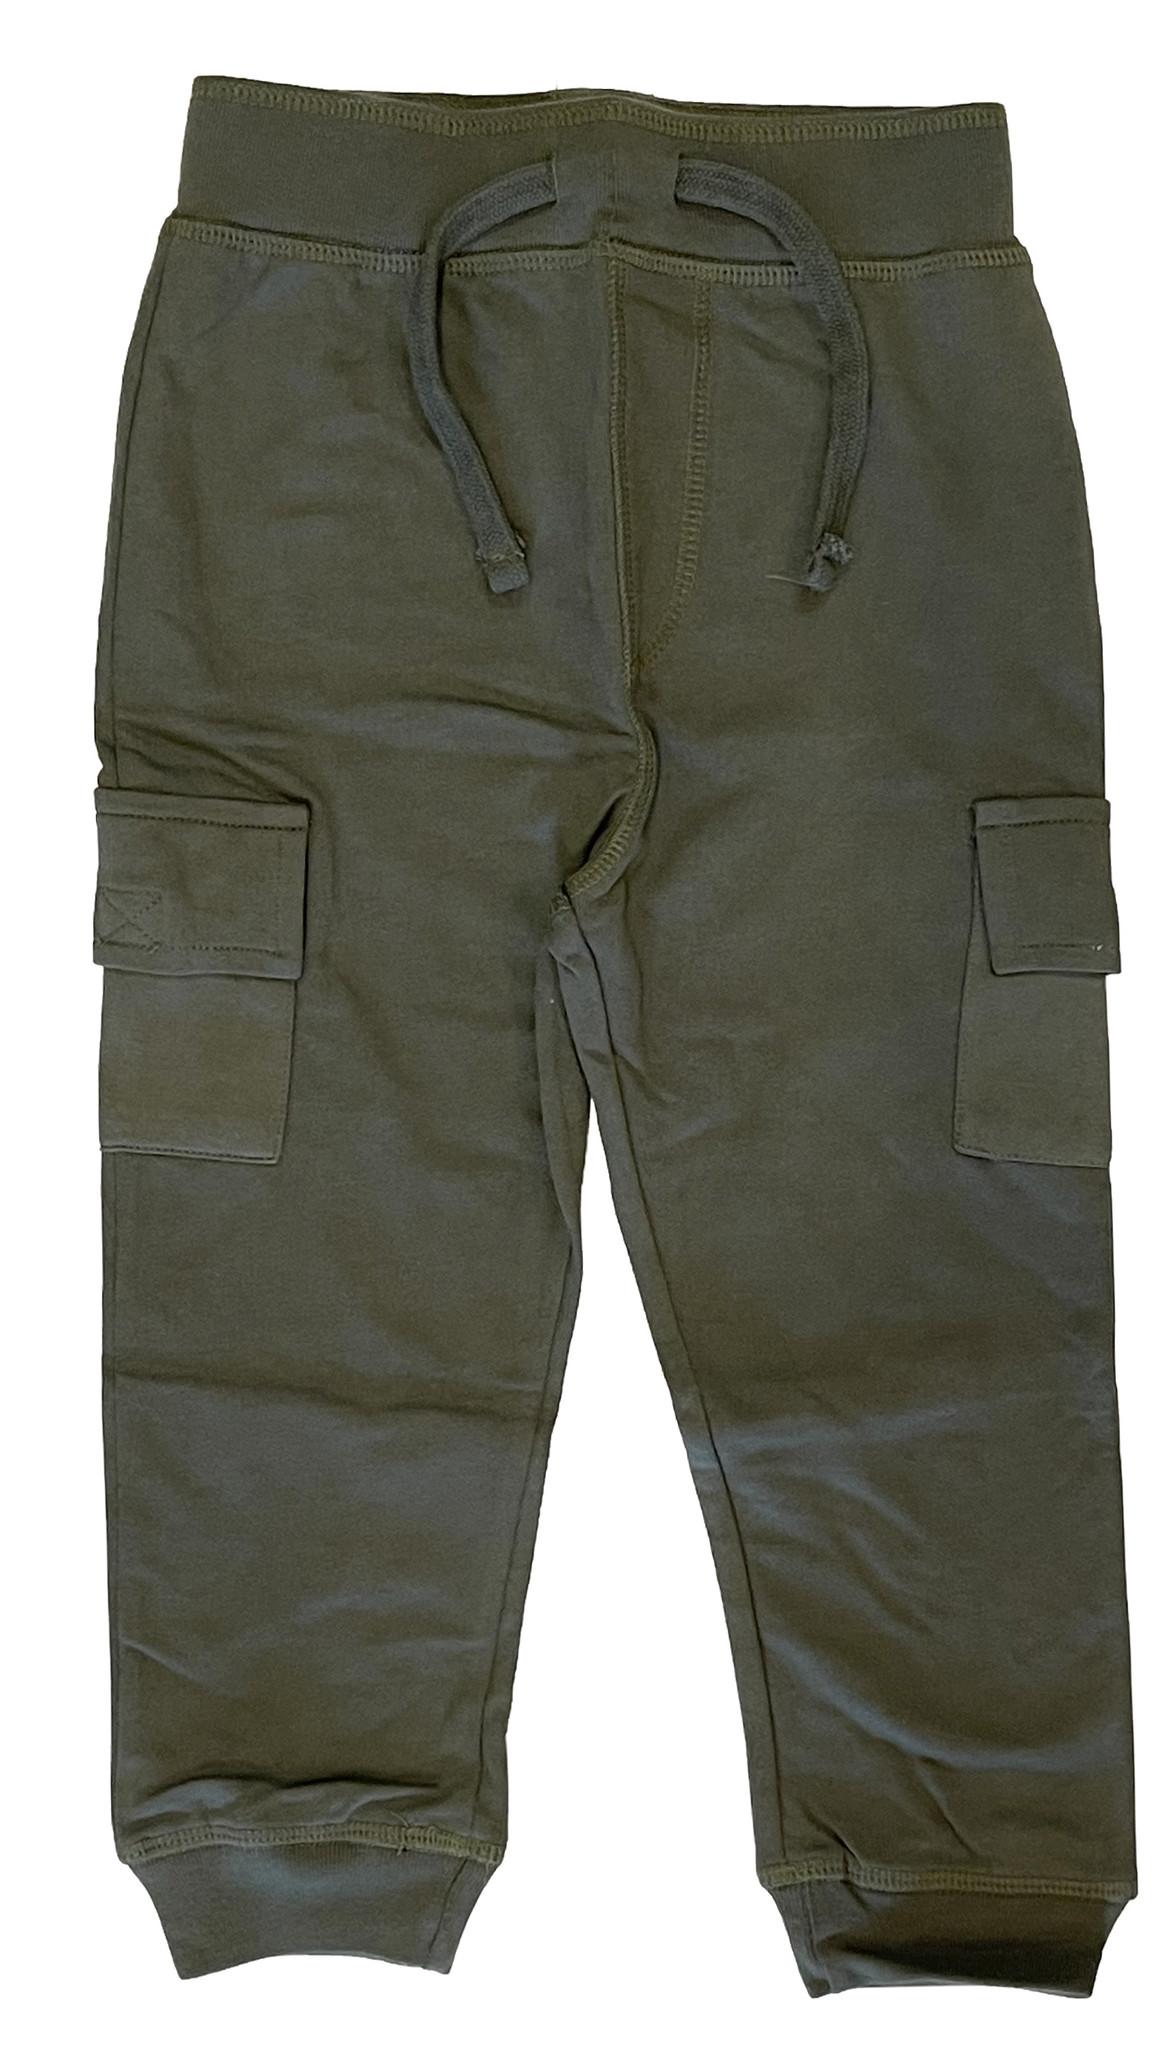 Mish Olive Pocket Jogger